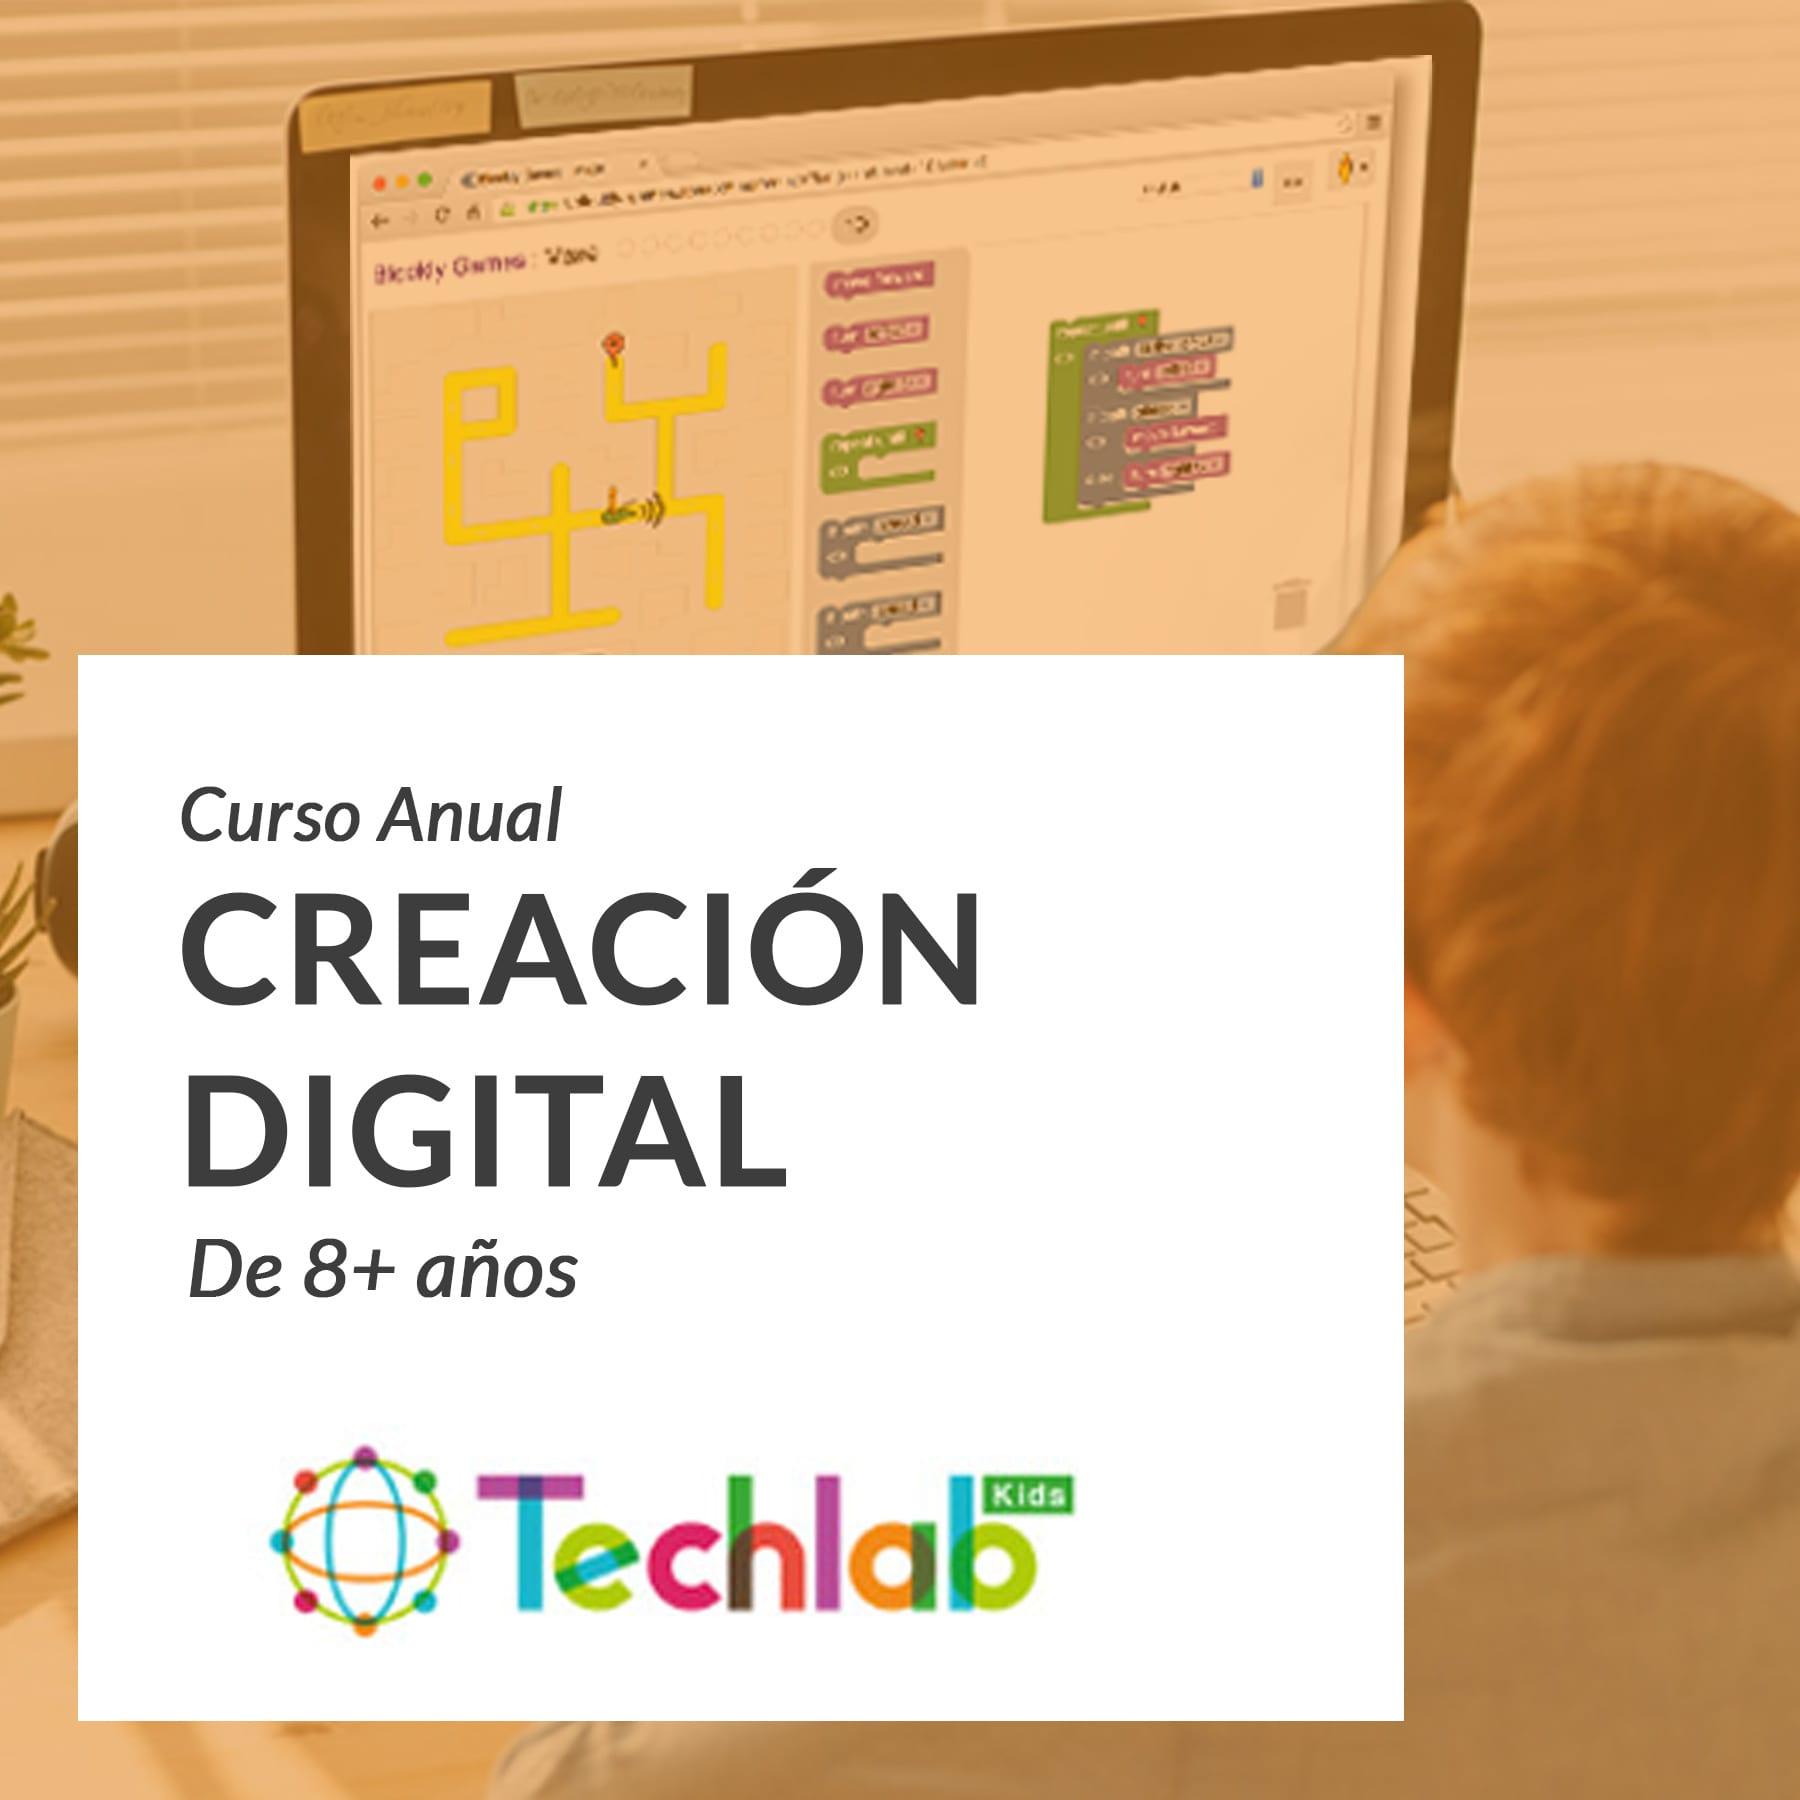 Curso Anual Creación Digital